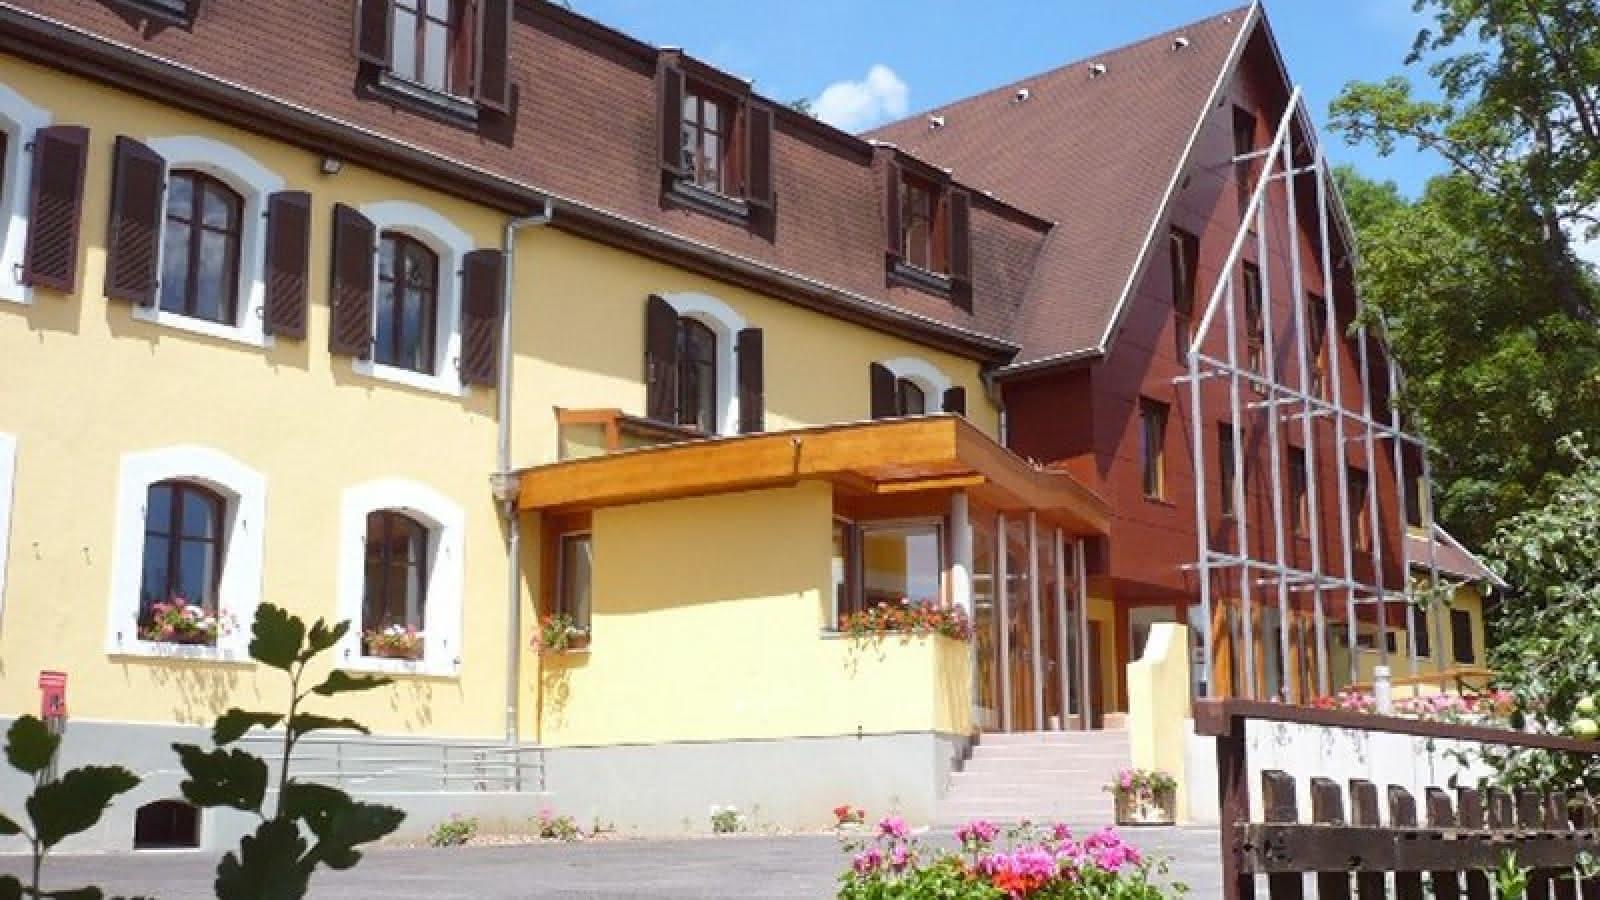 La Maison du Kleebach | Visit Alsace